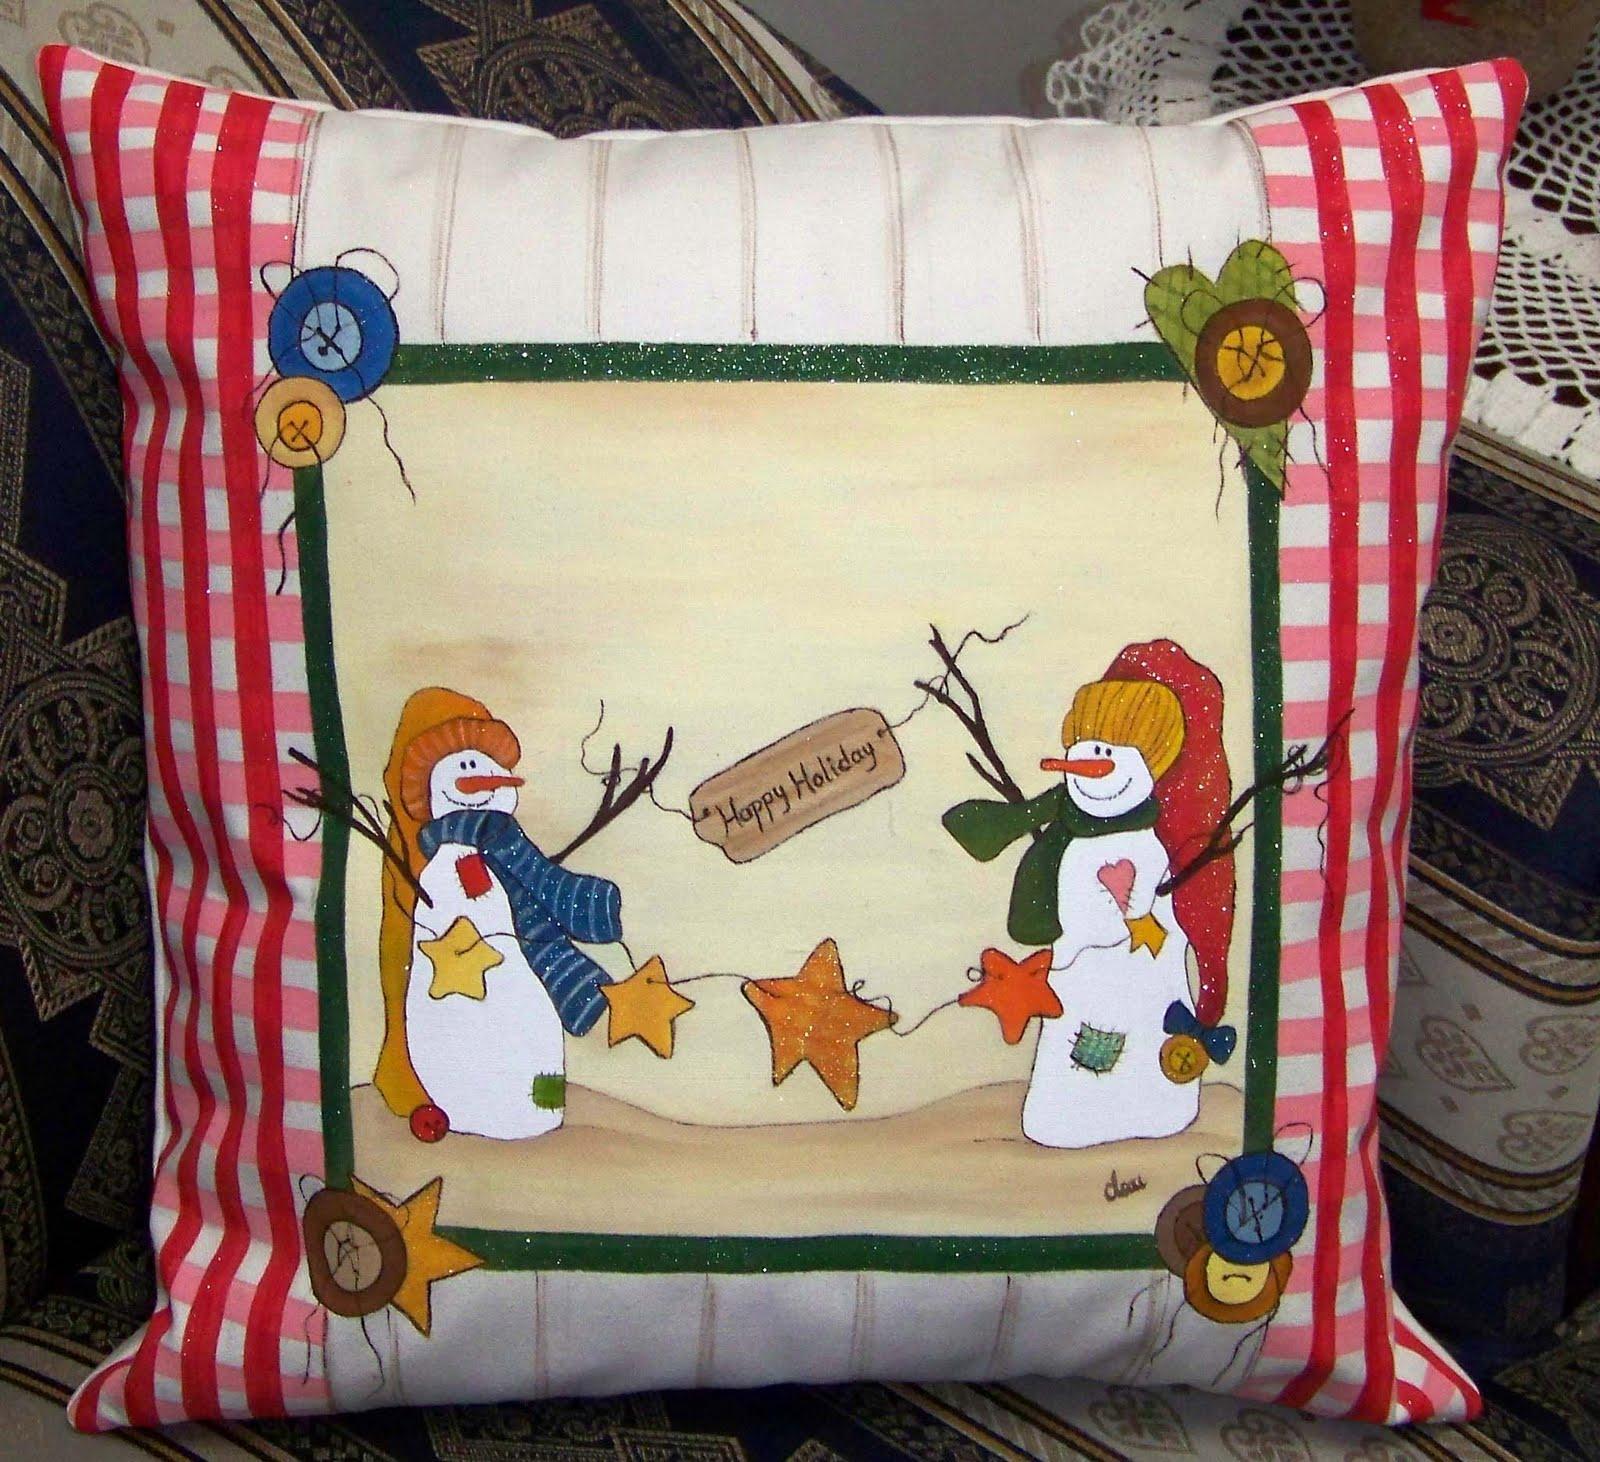 Pintura en tela a mano cojines navide os pintados a mano por encargo - Pintura en tela motivos navidenos ...